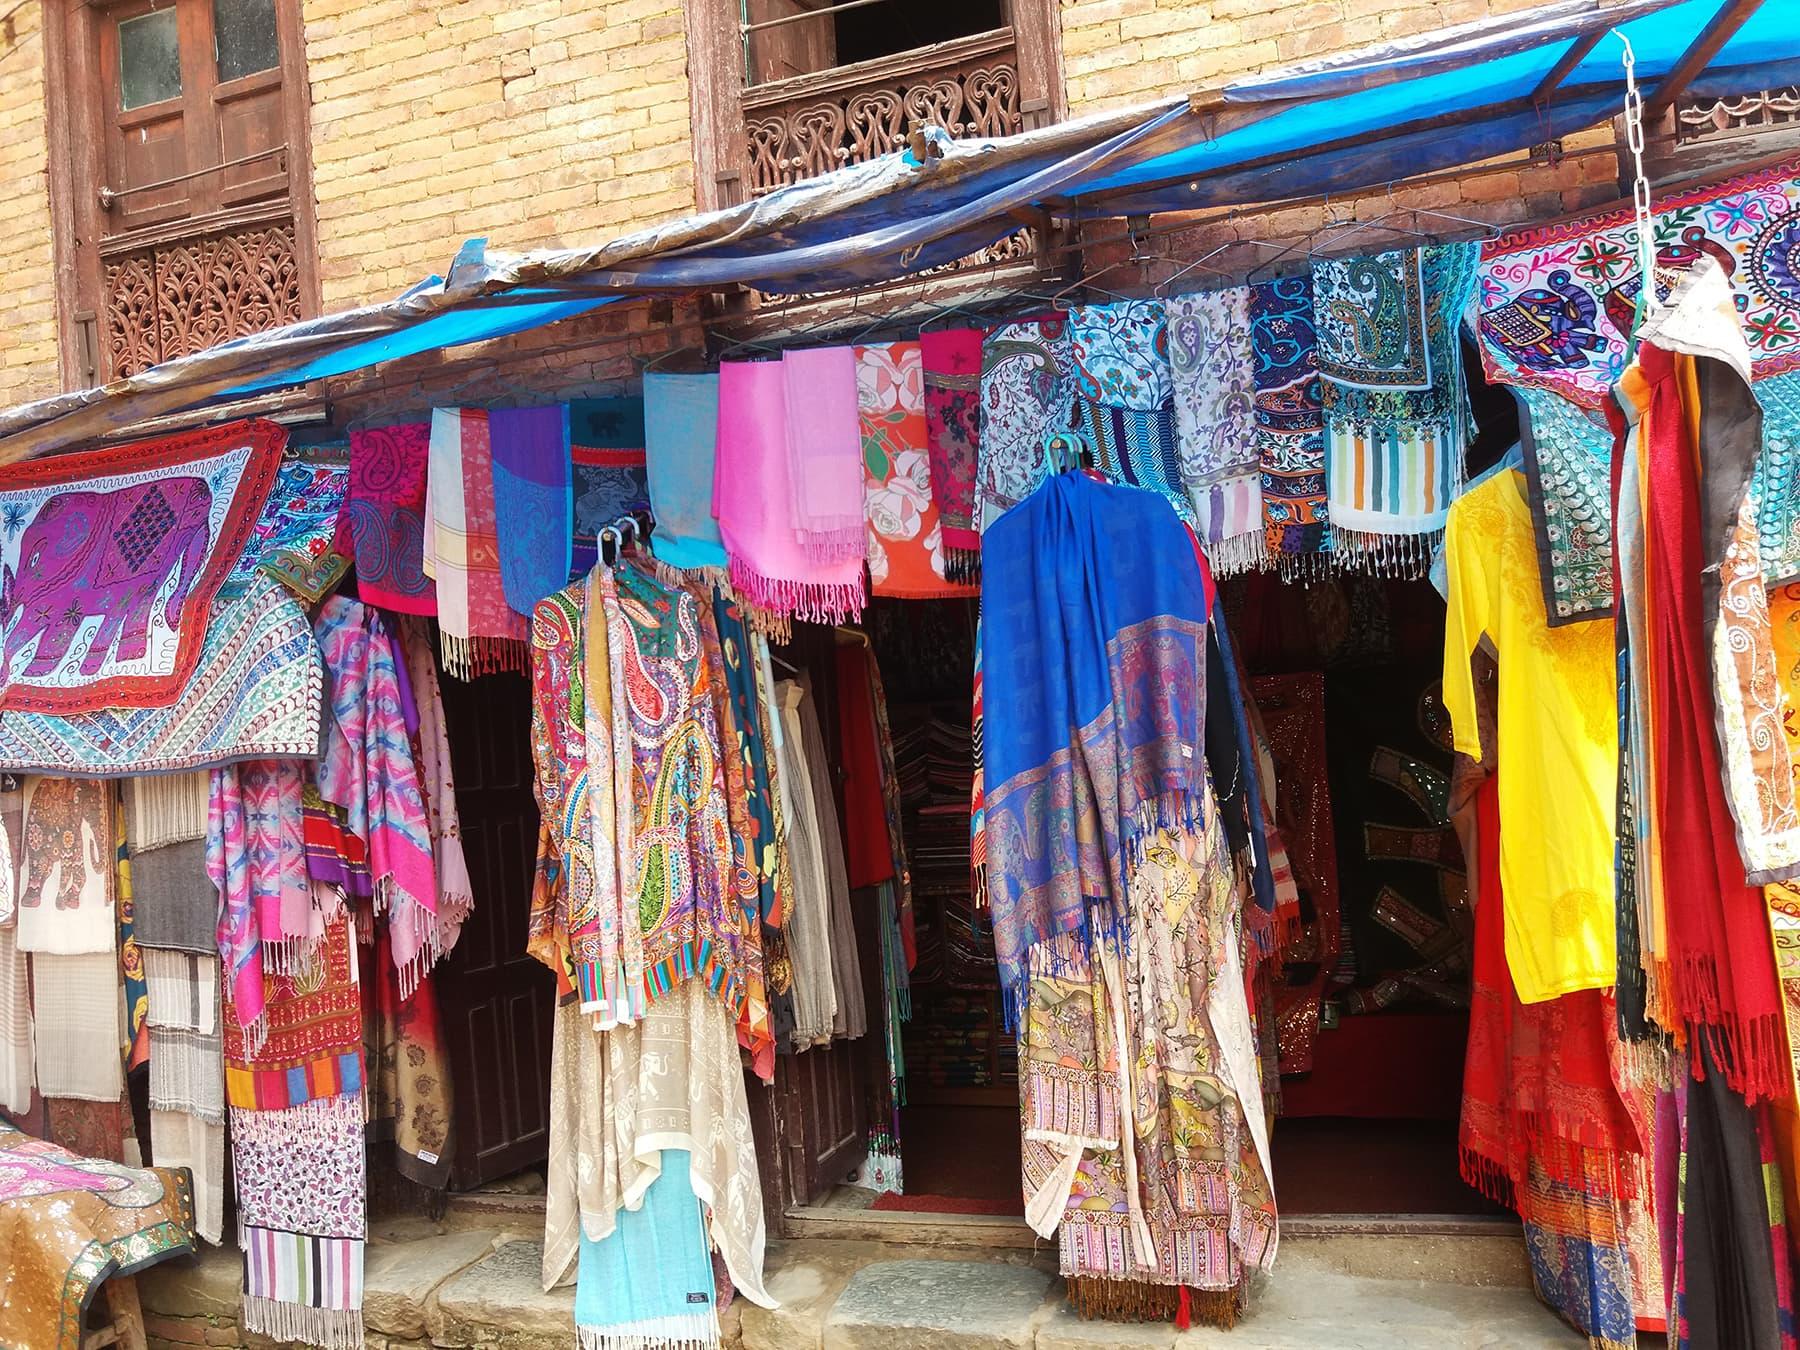 نیپال کی خصوصی سوغات یہاں کی شالیں ہیں—تصویر شبینہ فراز